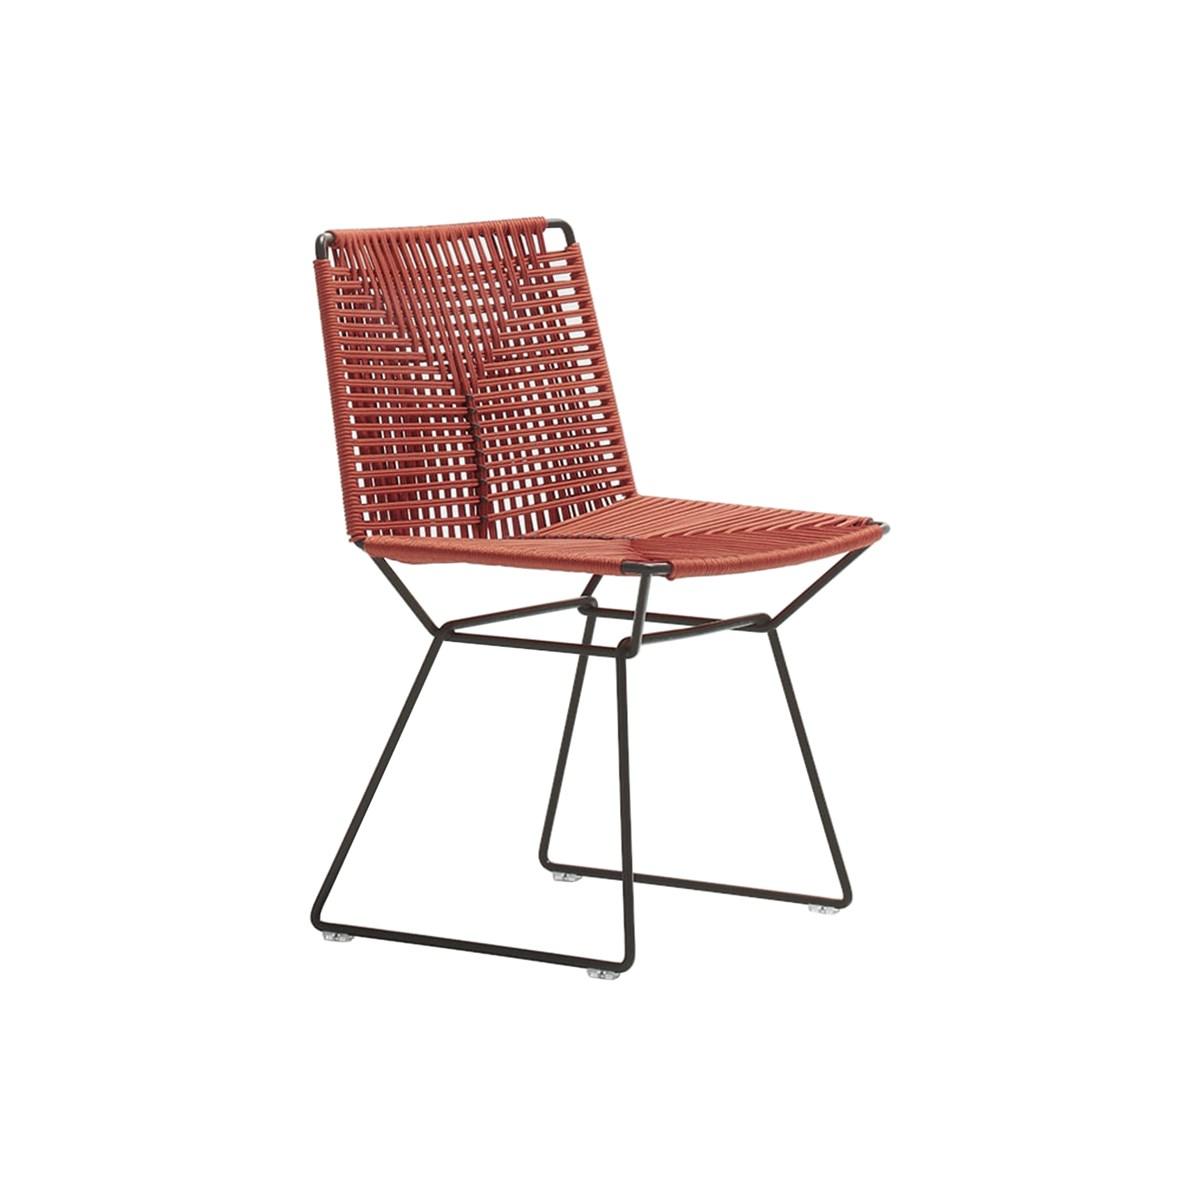 MDF-Italia-Jean-Marie-Massaud-Neil-Twist-Chair-Matisse-1